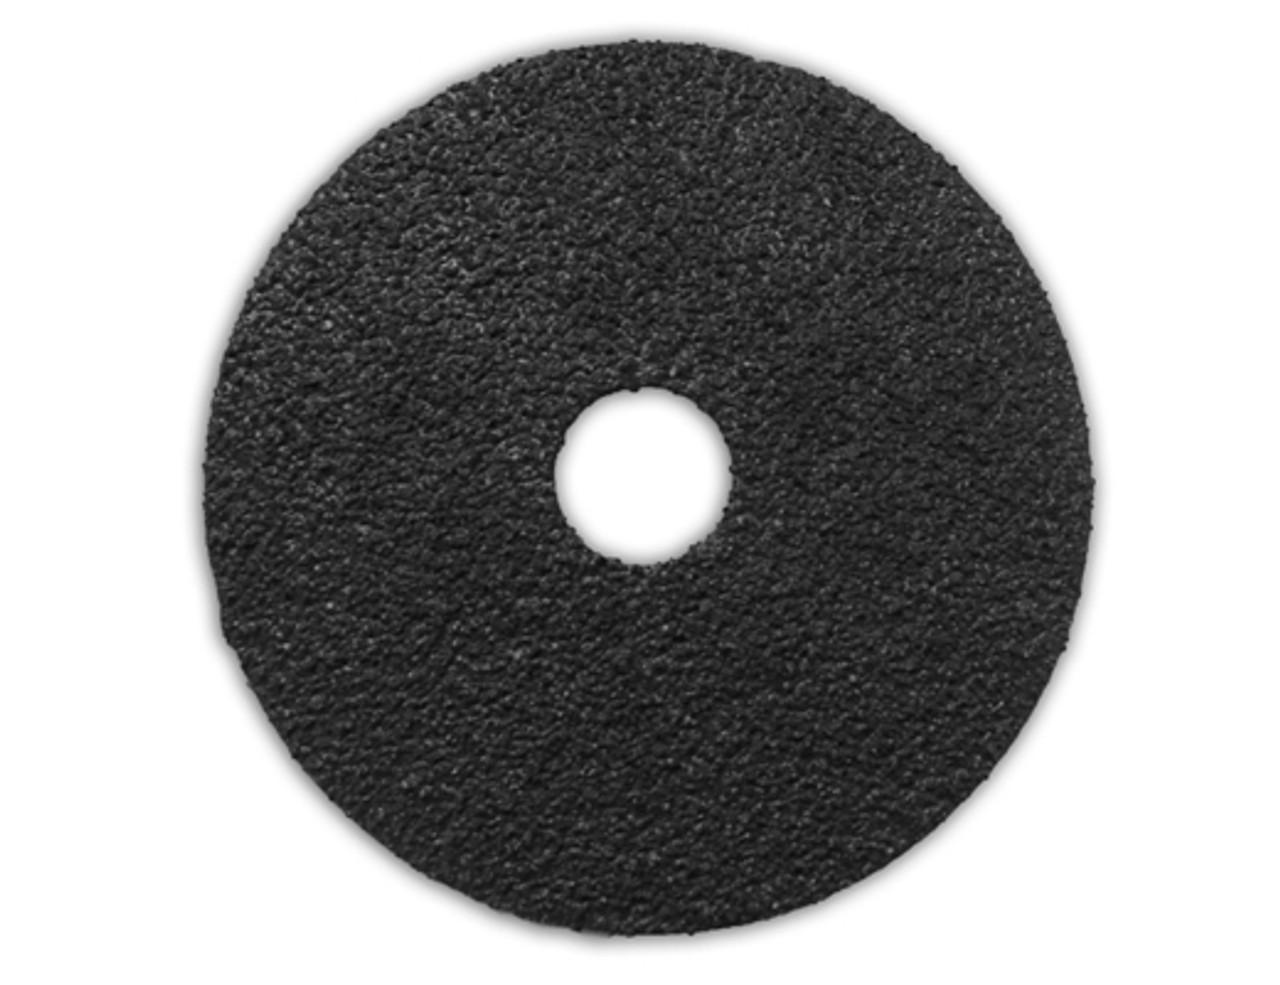 Gemtex Resin Fiber Sanding Disc - Silicon Carbide (25/box)